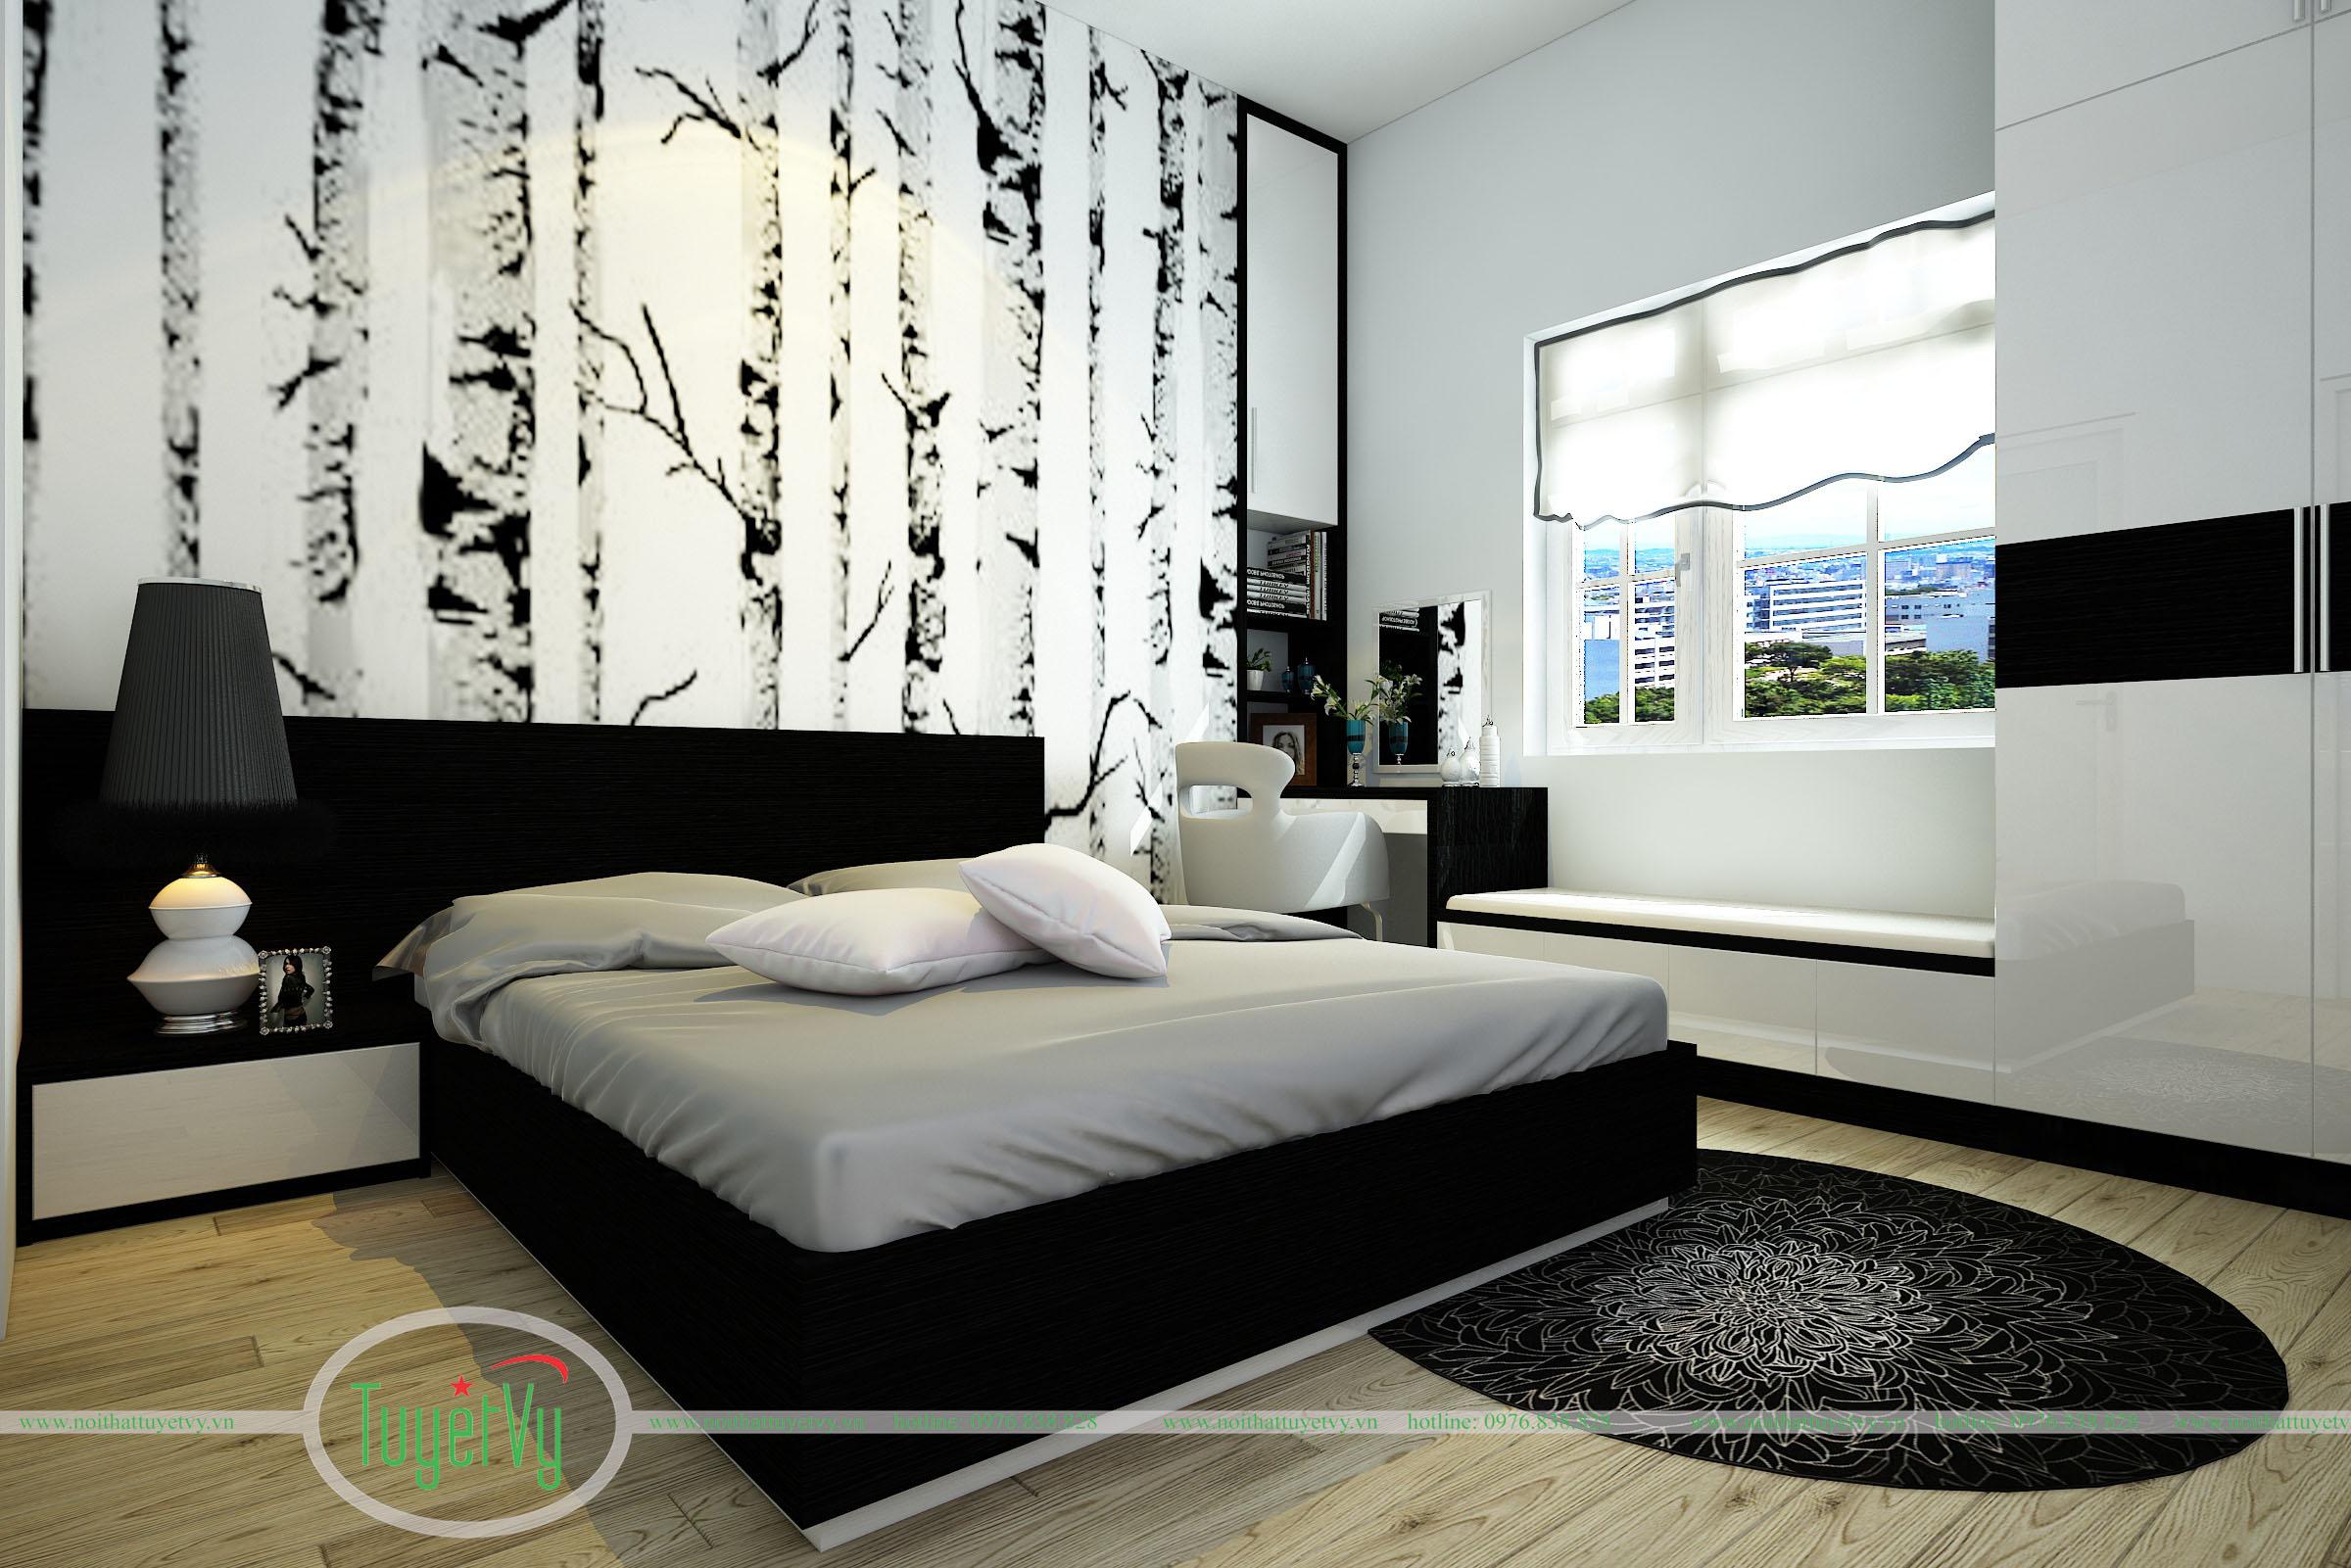 Nội thất phòng ngủ màu đen hiện đại